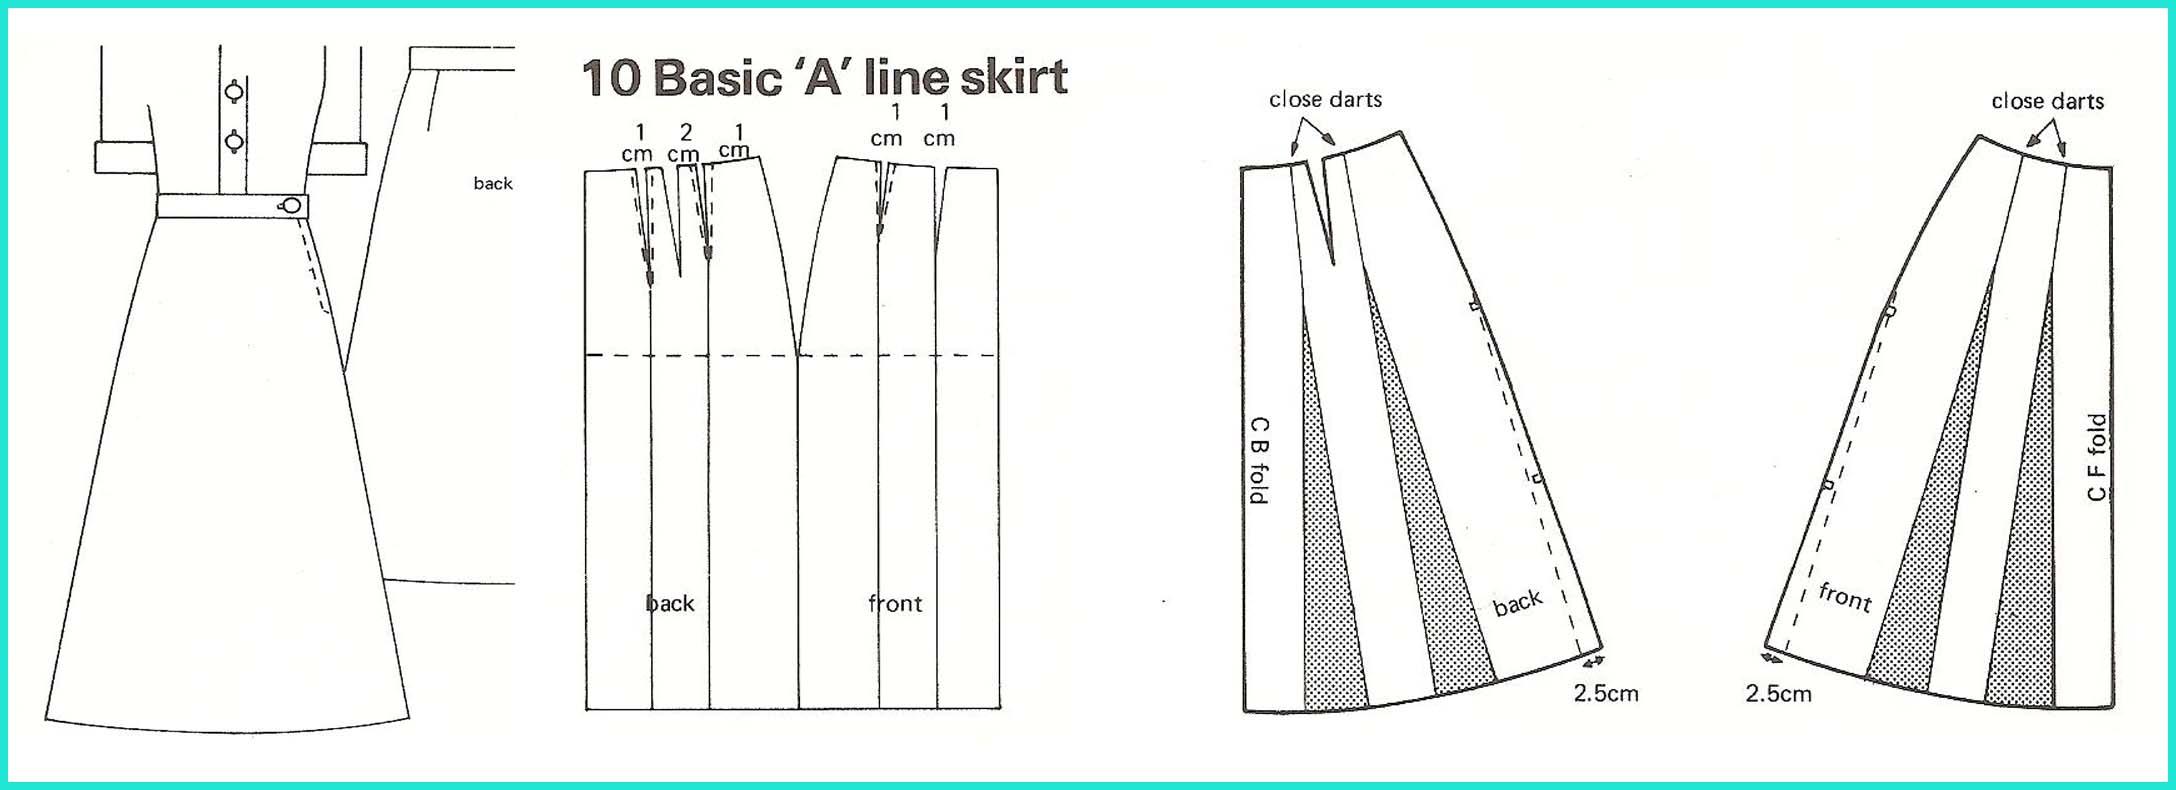 C2lsZW50cnVpbnN0dWRpbyp5b2xhc2l0ZSpjb218cmVzb3VyY2VzfE1hbmdhfE1hbmdhX0Nsb3RoZXN8TWFuZ2FfQ2xvdGhpbmdfU2tpcnQqanBn ZnVubnktcGljdHVyZXMqcGljcGhvdG9zKm5ldHxob3ctdG8tZHJhdy1hbmltZS1jbG90aGluZy1wbGVhdHN8aTMwKnRpbnlwaWMqY29 mFwOW5ybypqcGc also Thing besides Thing moreover Pattern Cutting moreover Wedding Dresses Handpainted Manuscript. on pleated skirt drawing